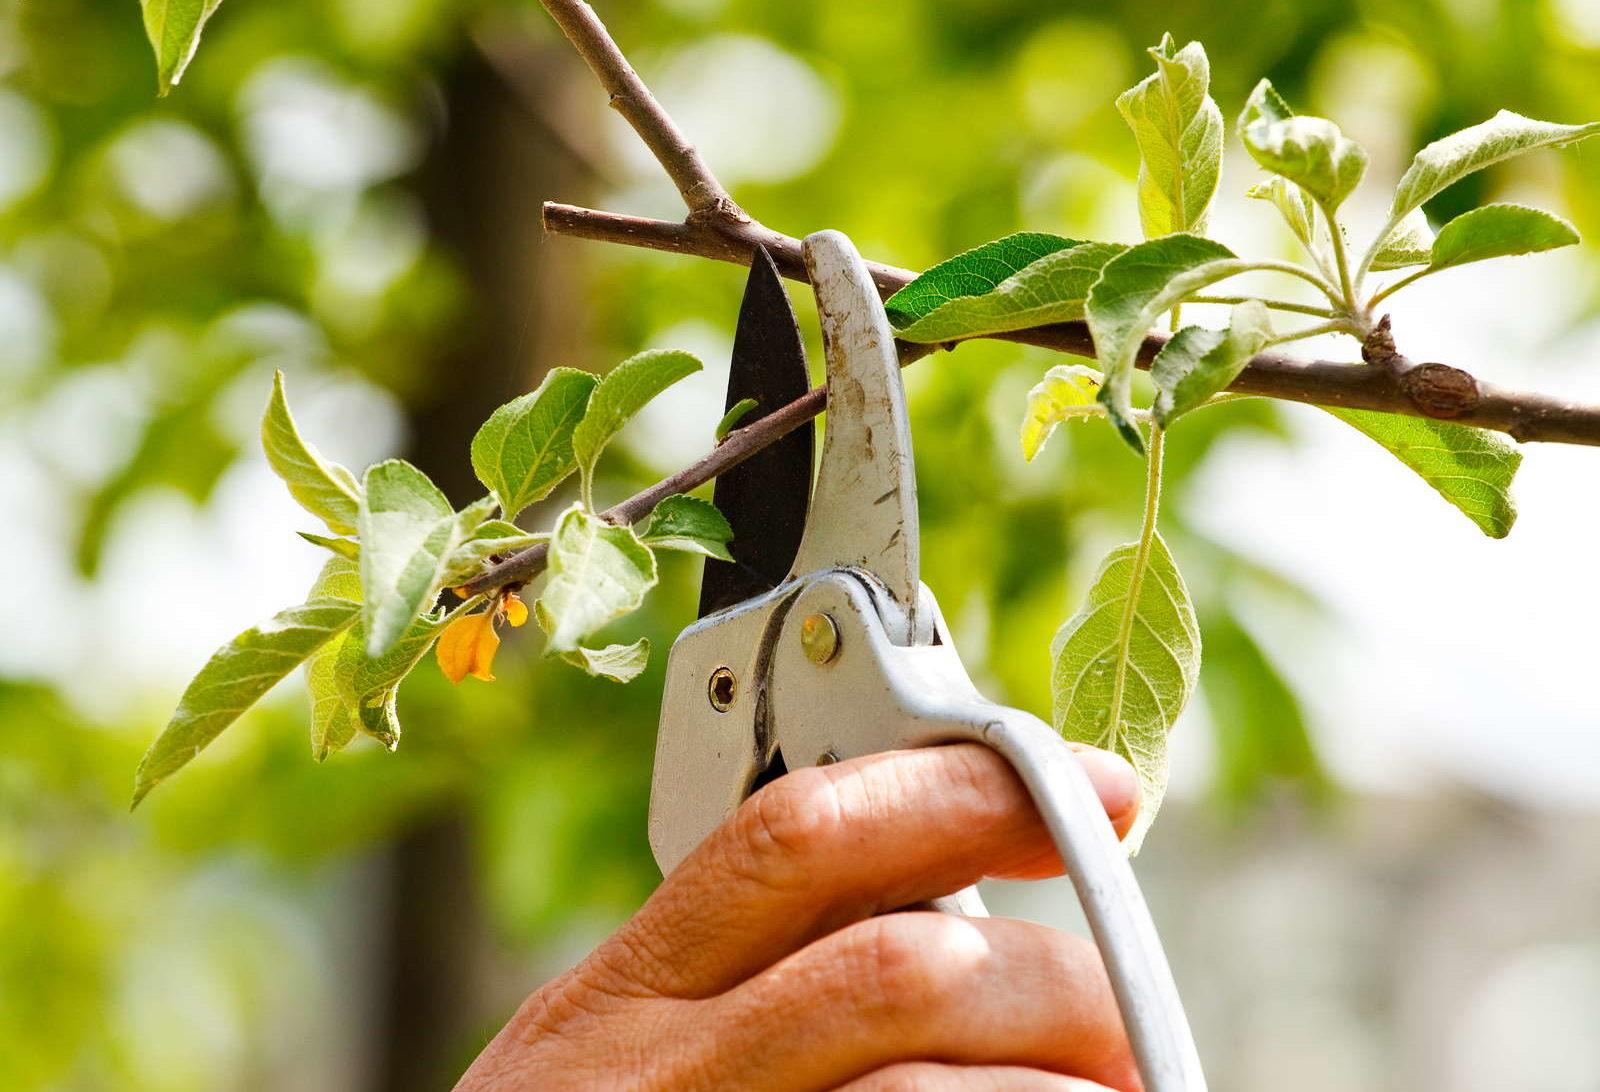 Berühmt Pflaumenbaum schneiden: Tipps vom Experten - Plantura &WB_19